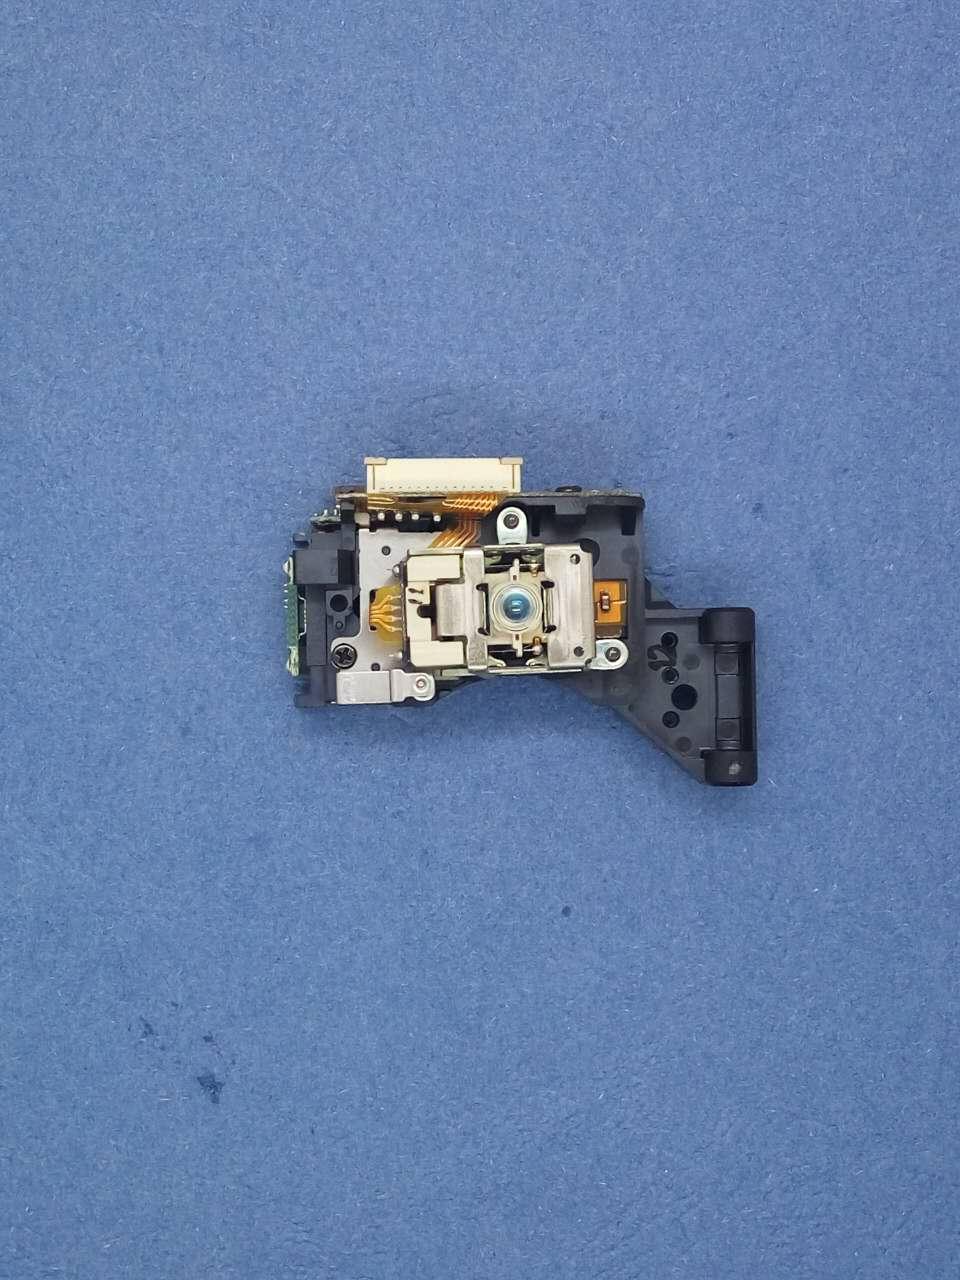 Замена для JVC HR-XVS30EK dvd-плеер запасных Запчасти Лазерная Lasereinheit объектив сборе блок HRXVS30EK оптический датчик BlocOptique